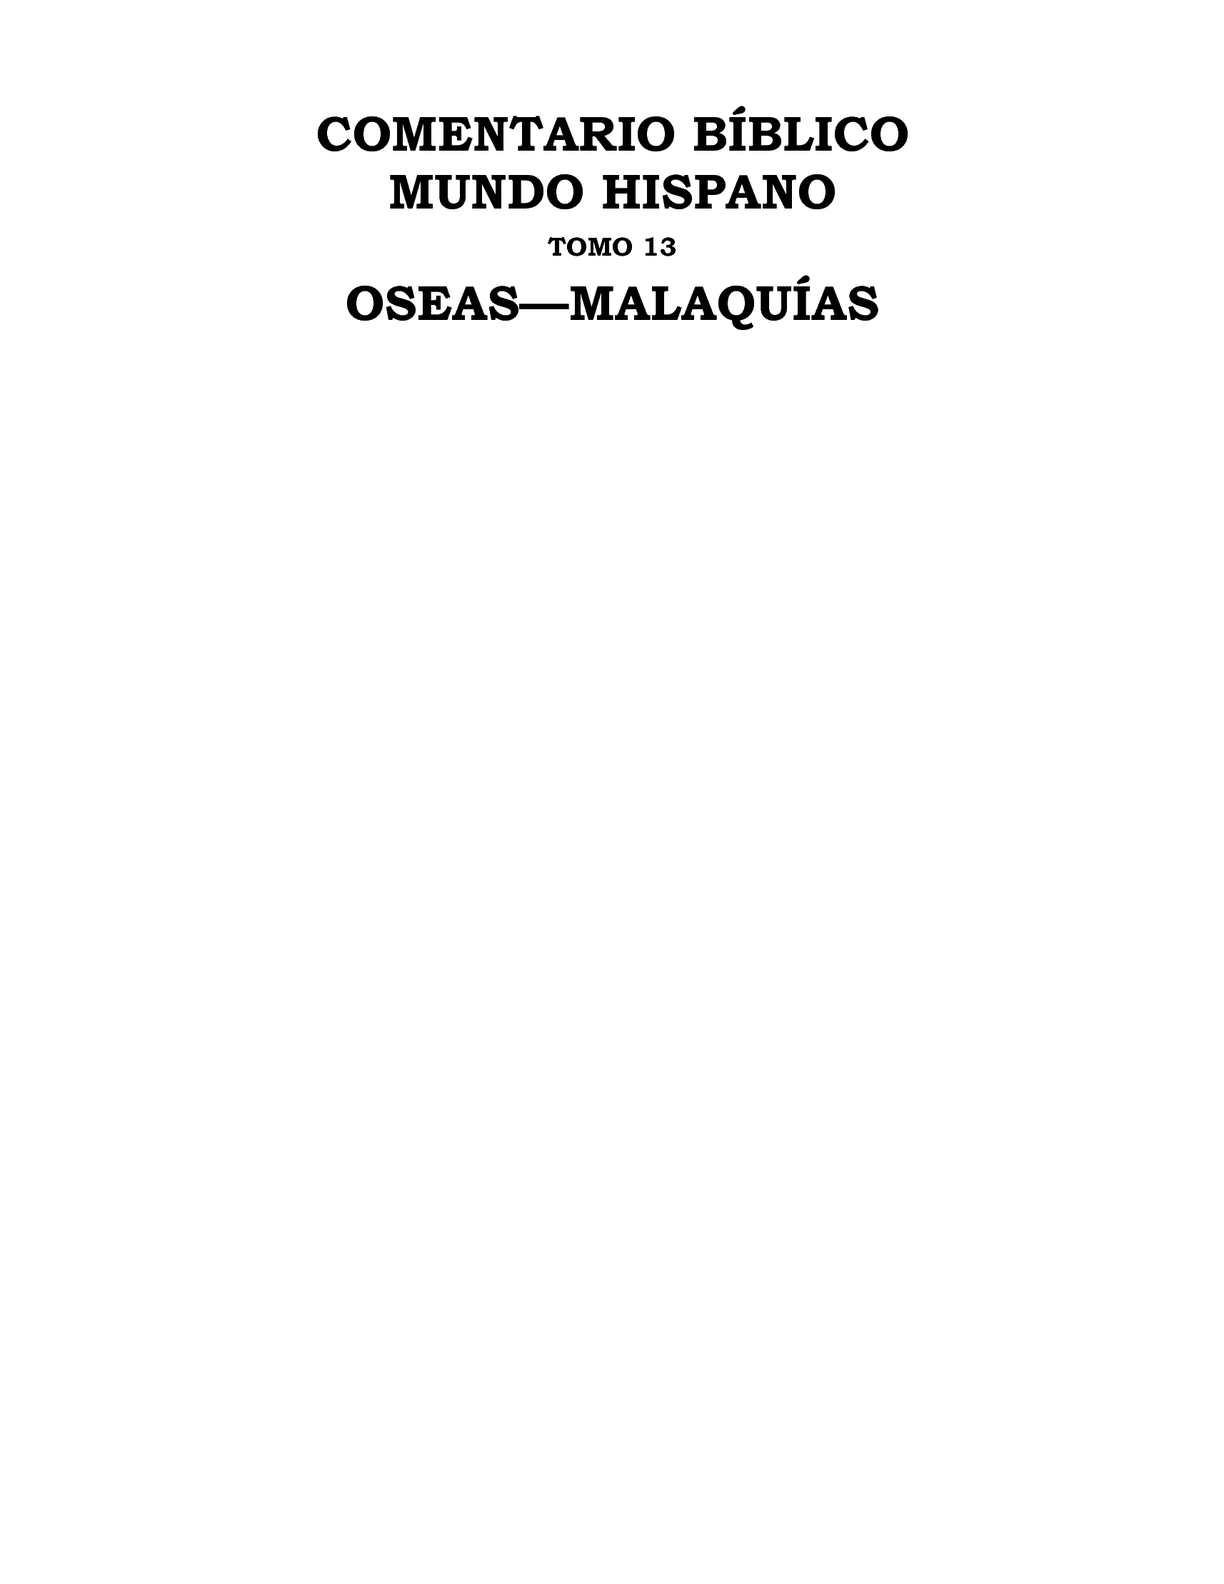 Carro Santa Fa >> Calaméo - Oseas y Malaquías. CBMH Tomo 13